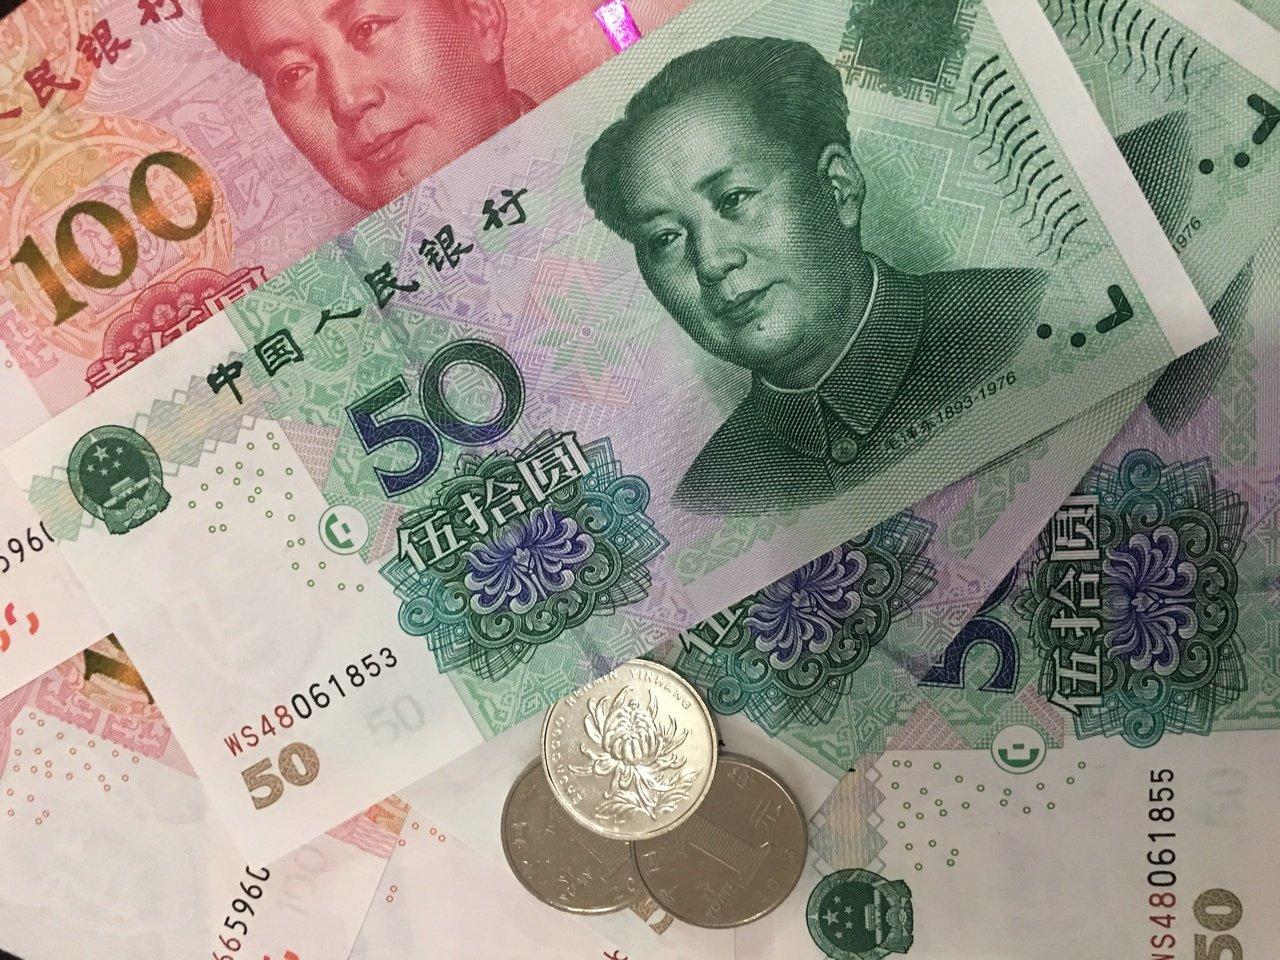 全球加速去美元化 人民幣積極挑戰美元霸權